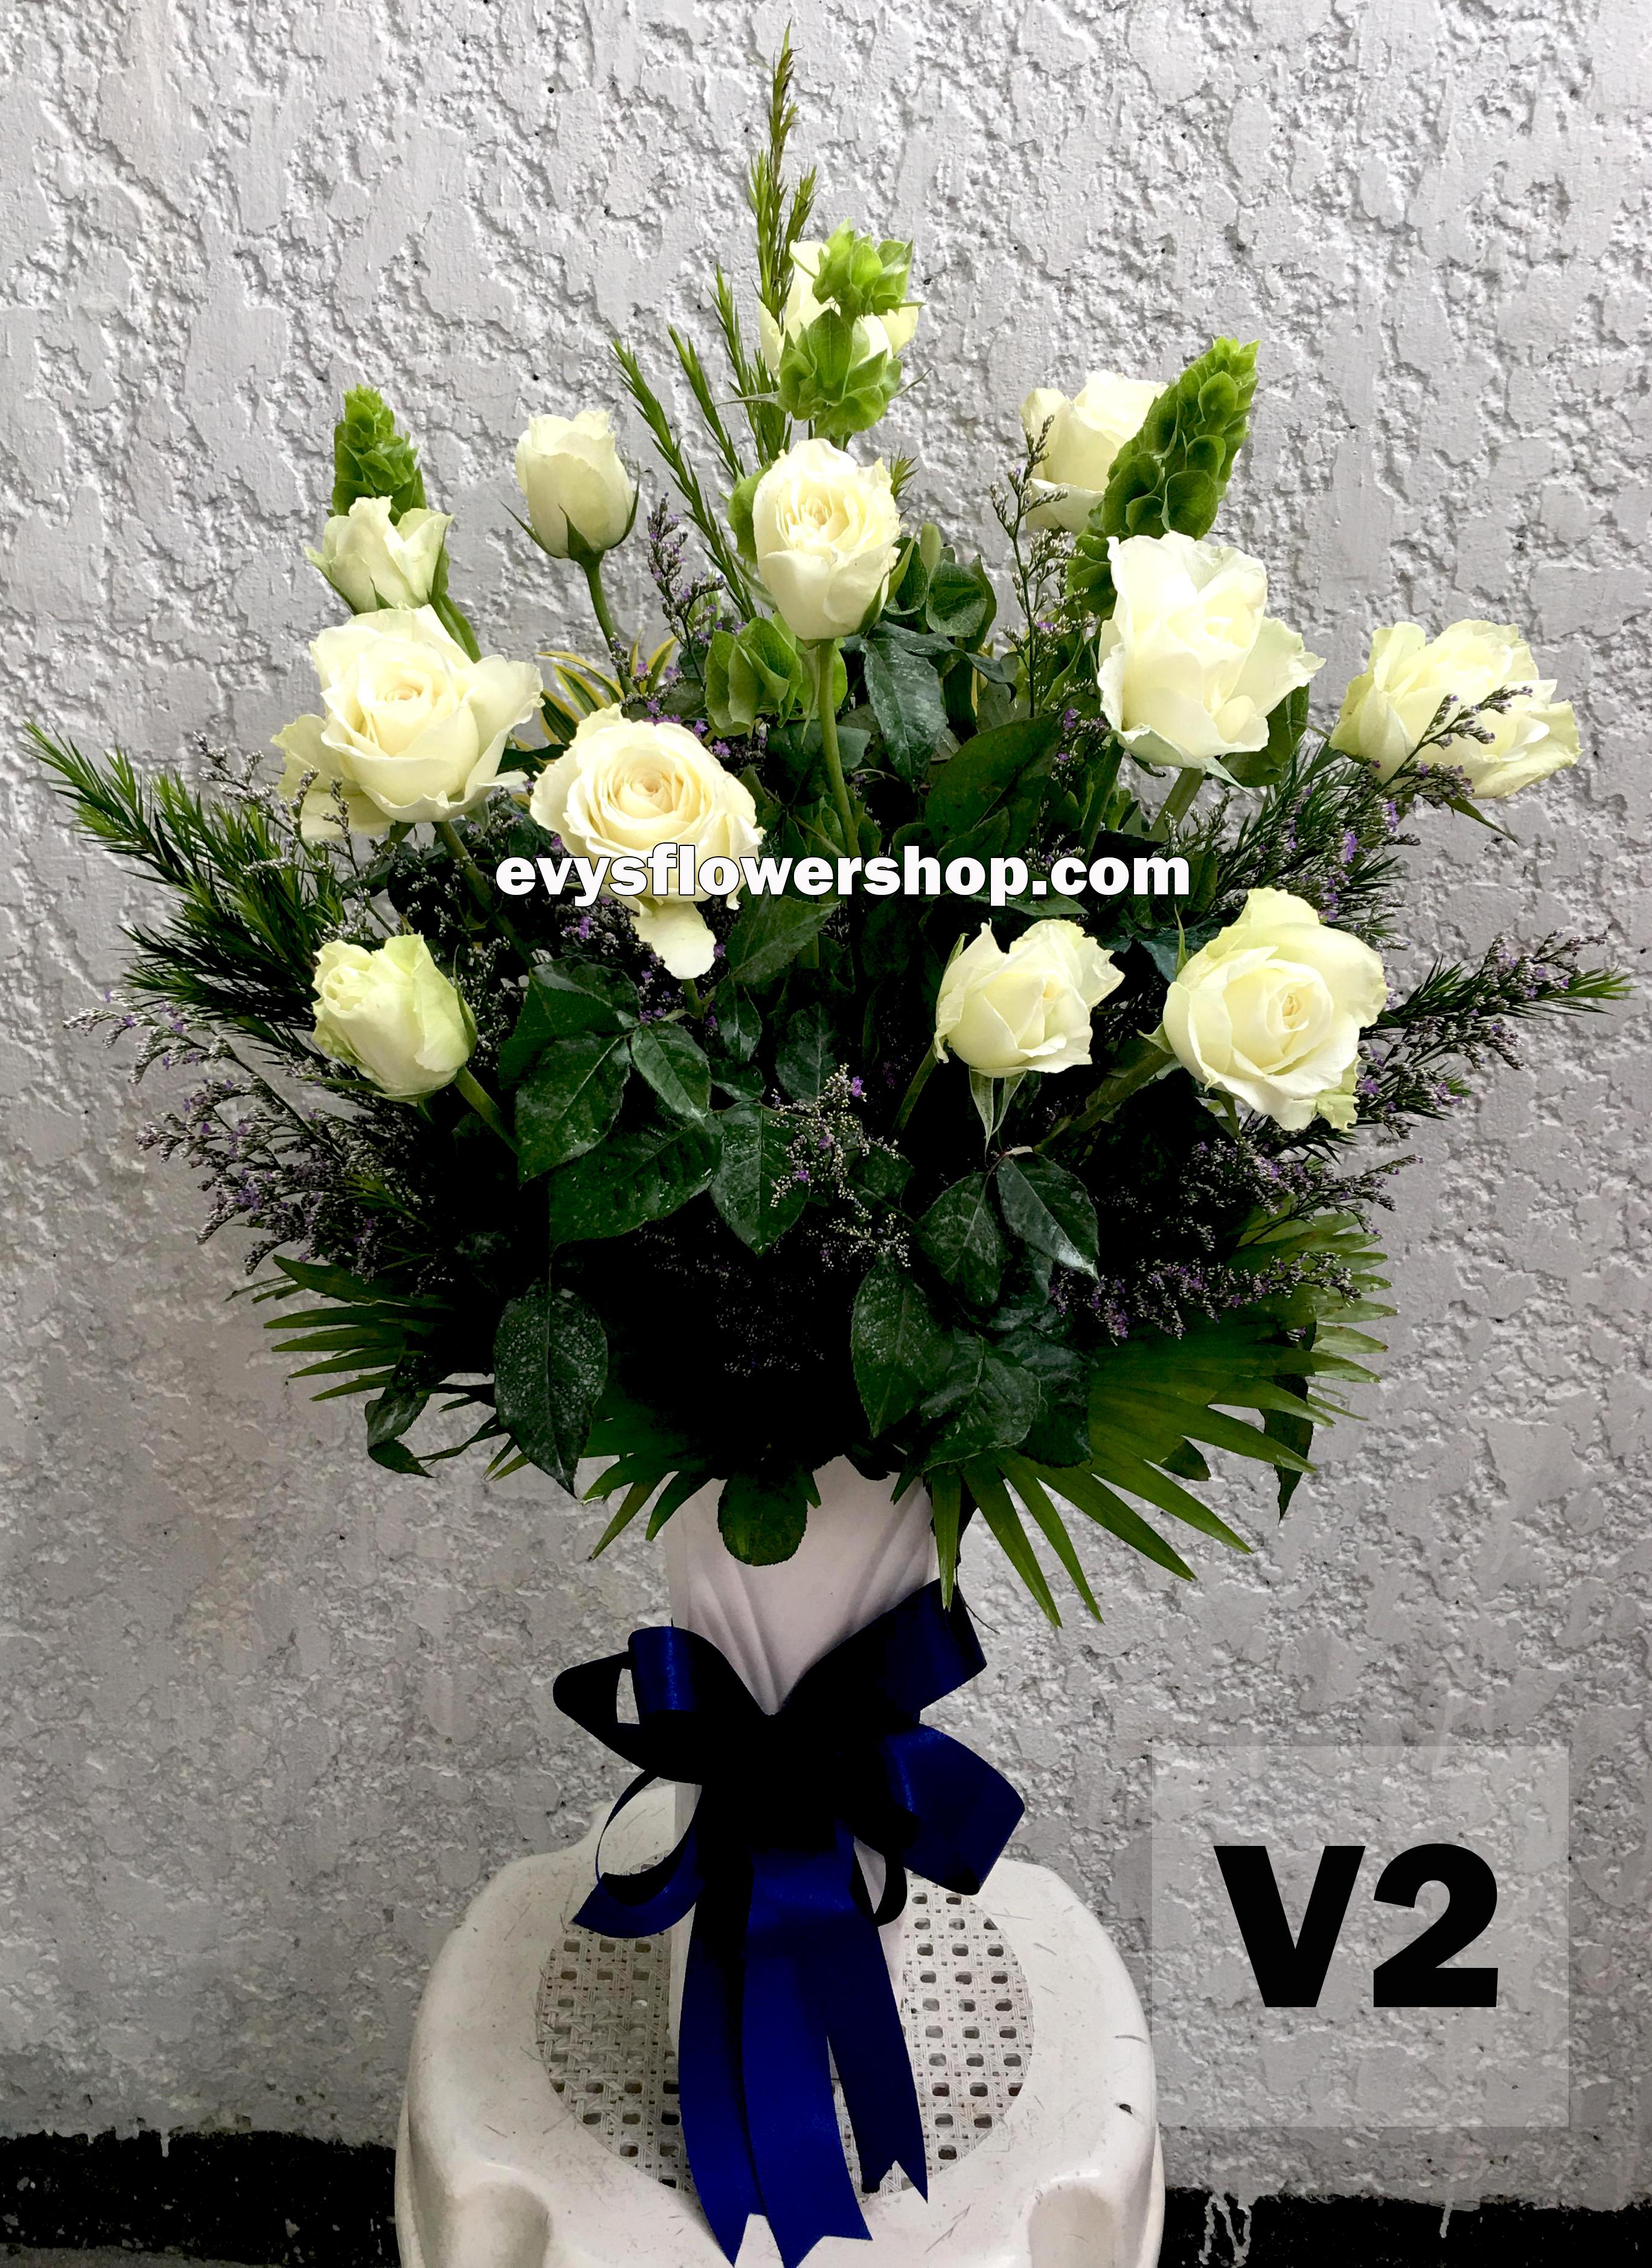 V2 vase of roses roses vase arrangement vase vase of flowers & Vase of flowers I Evys Flowershop I FREE delivery I Call 3305174